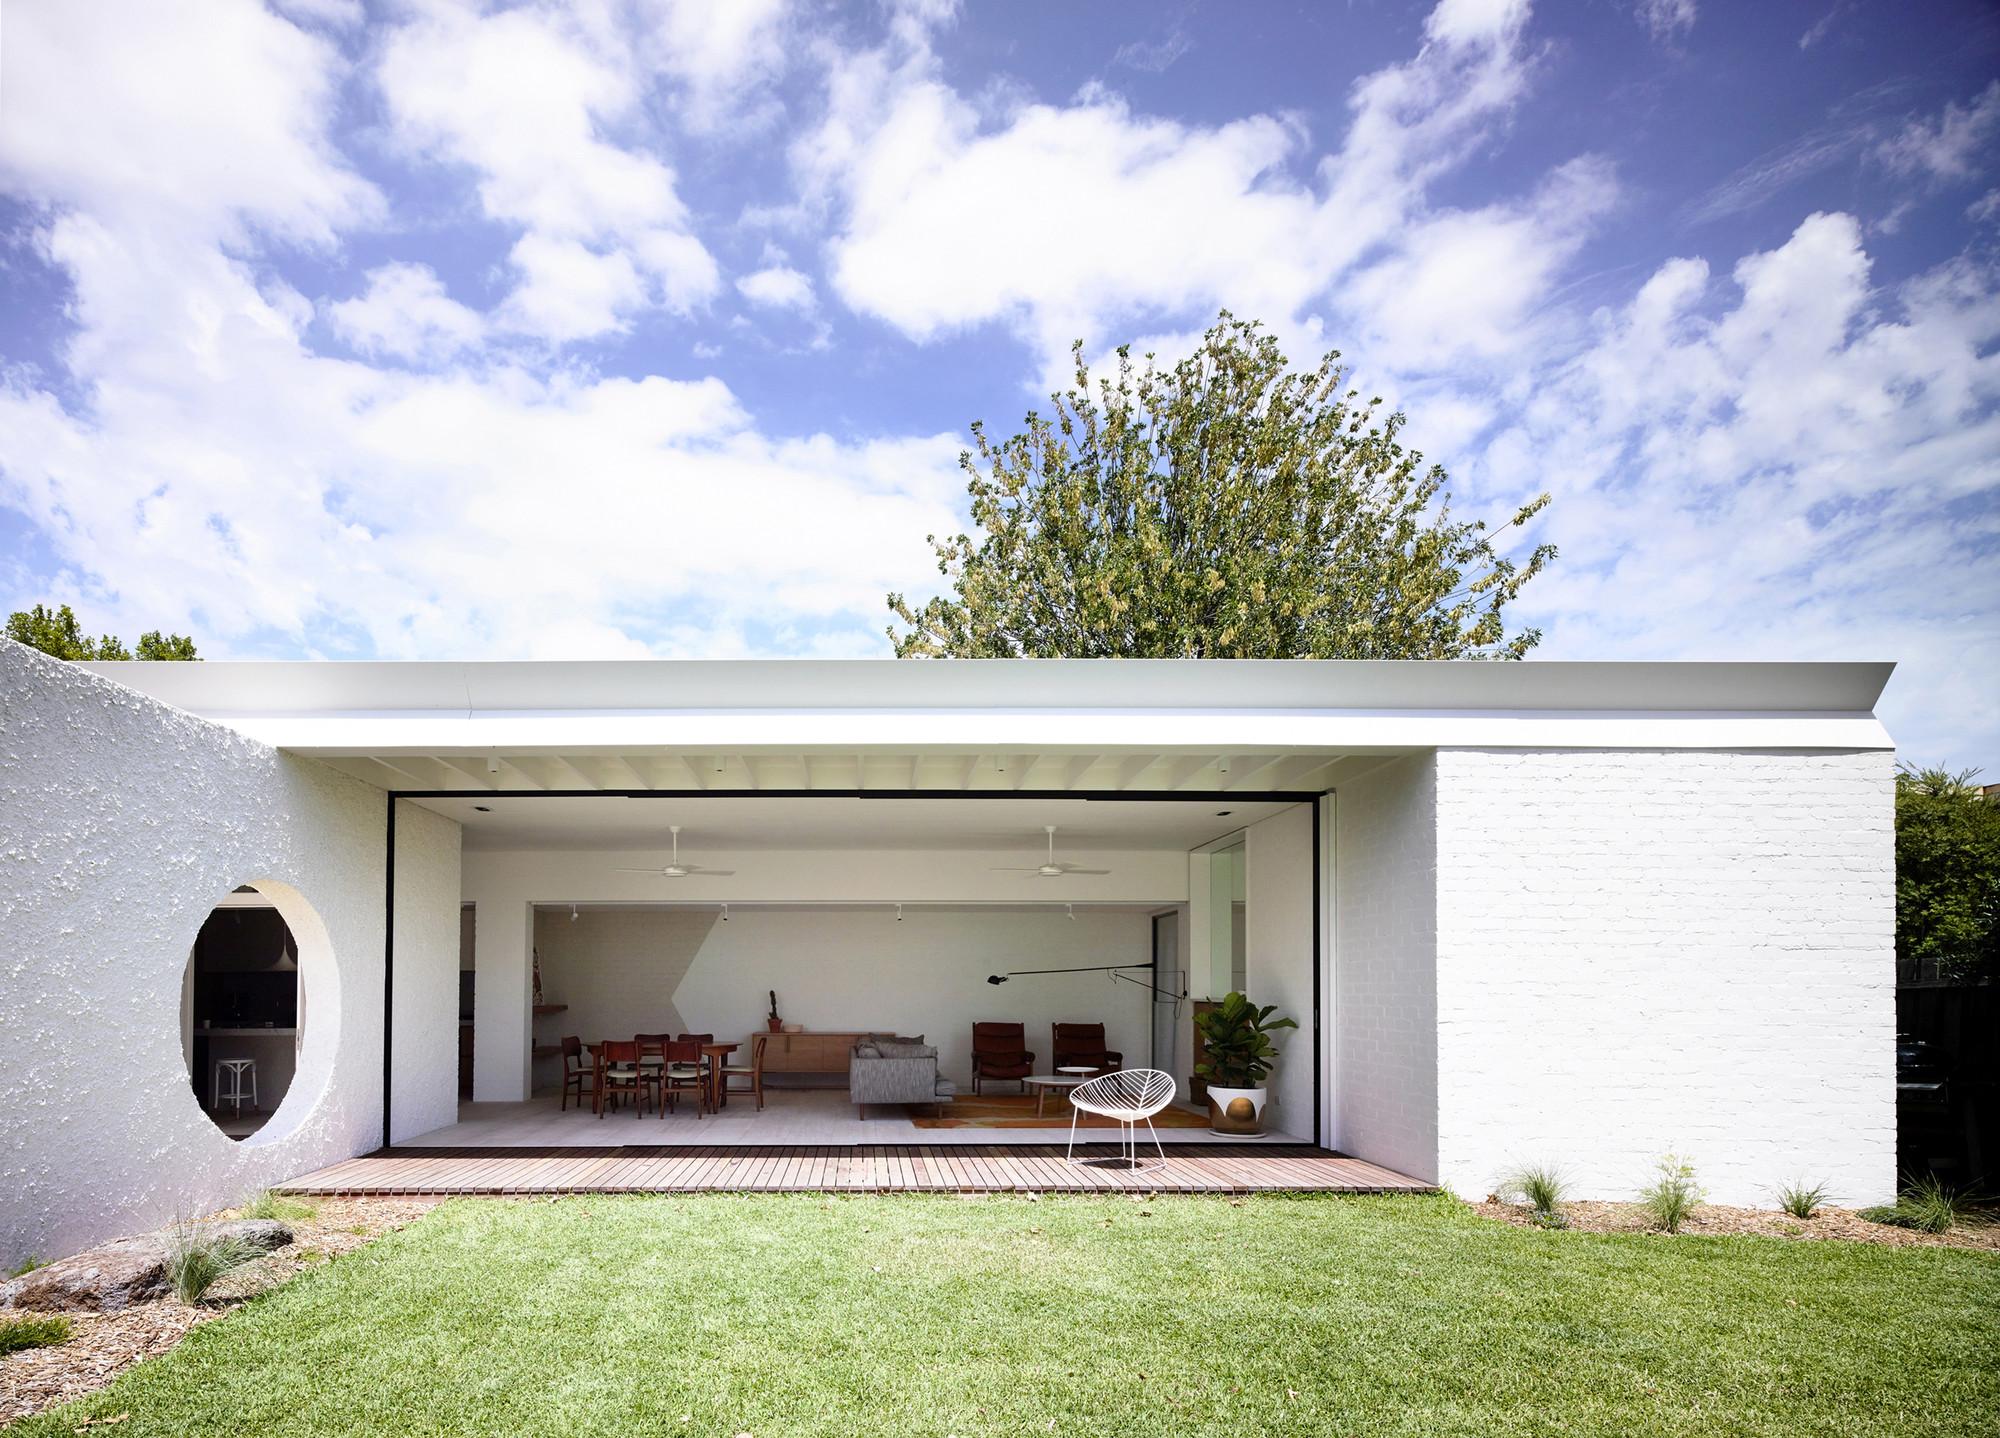 Westgarth House / Kennedy Nolan Architects, © Derek Swalwell